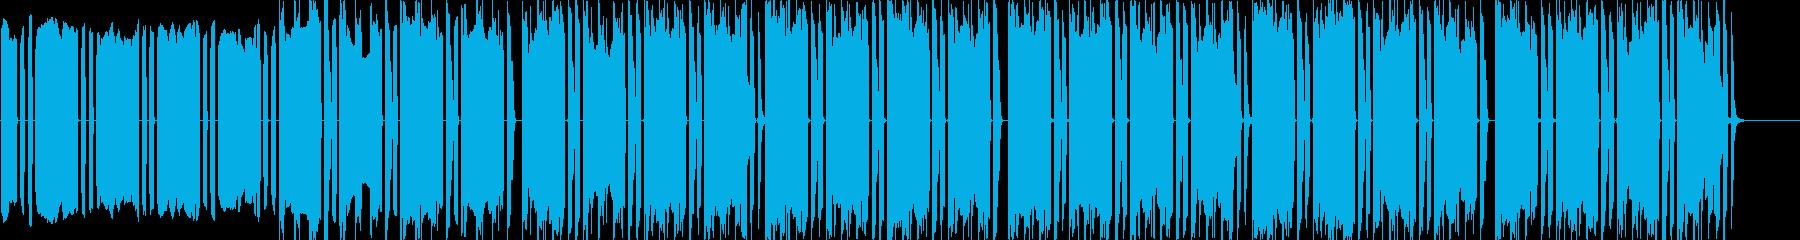 リズムに意外性を盛り込んだテクノの再生済みの波形